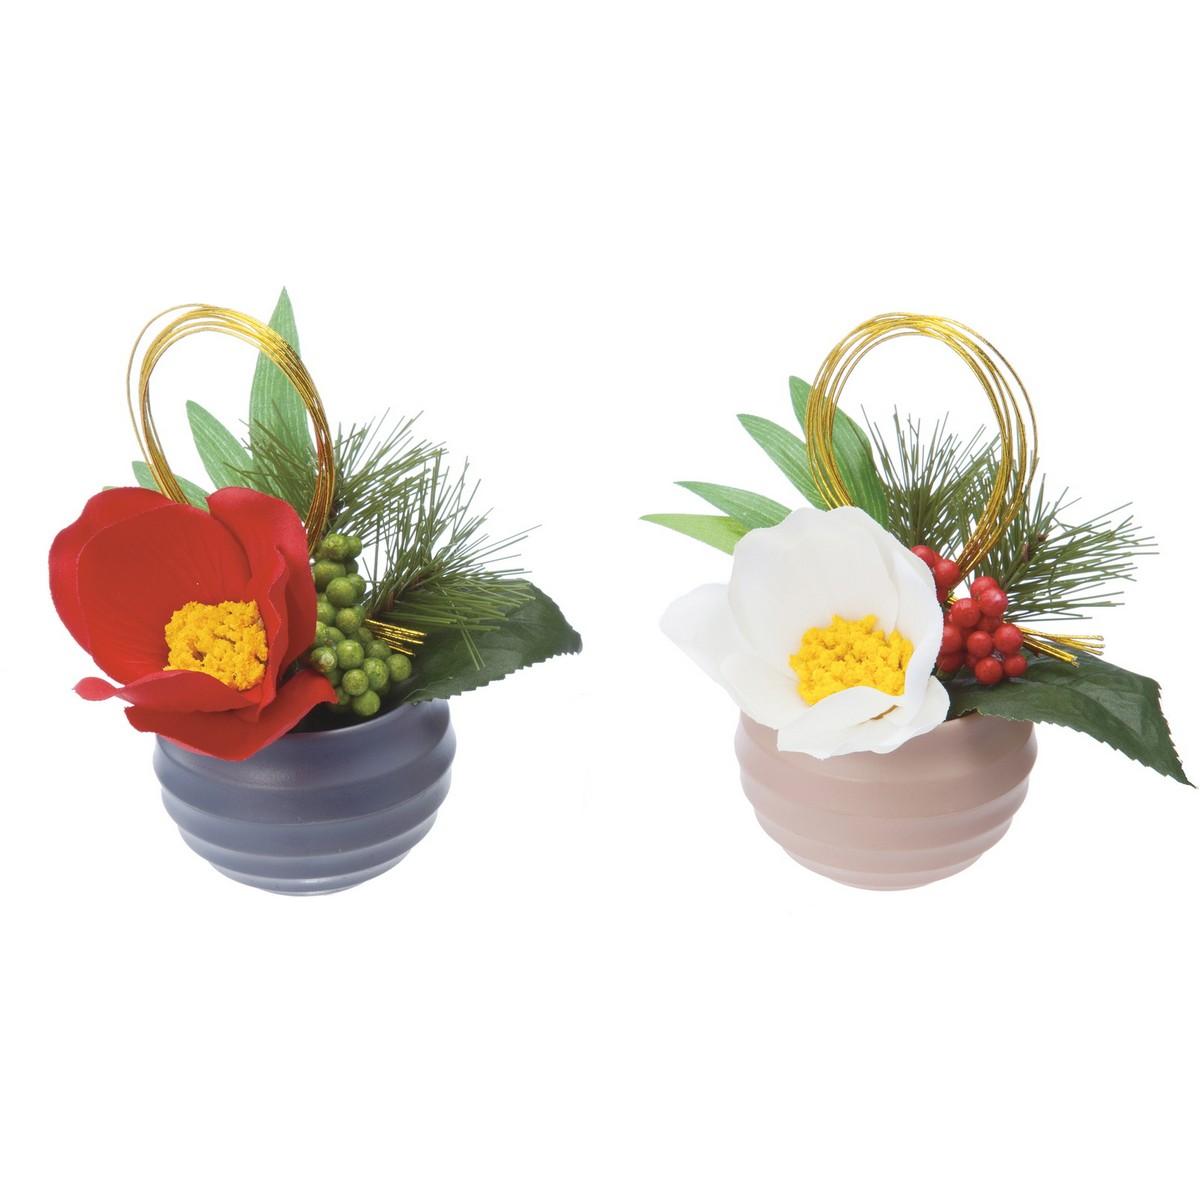 【造花】YDM/正月アレンジプラポットツバキ ※2種類のいずれか1つ。お選びいただけません。/FS-5239-AST【01】【取寄】《 造花(アーティフィシャルフラワー) 造花ギフト フラワーアレンジ 》